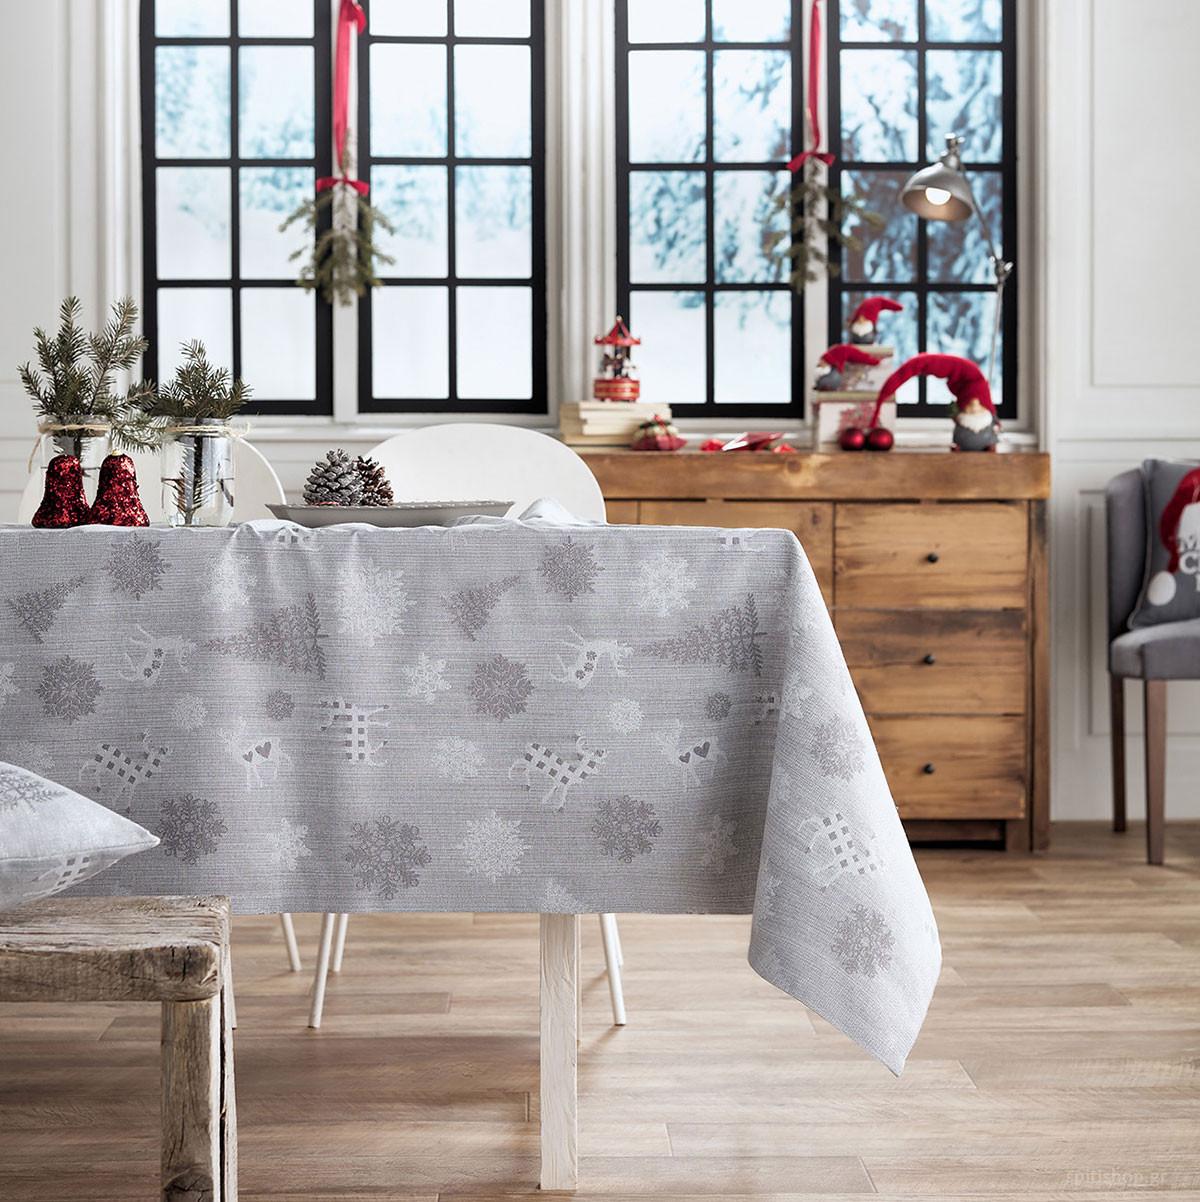 Χριστουγεννιάτικο Τραπεζομάντηλο (135×310) Gofis Home 285/15